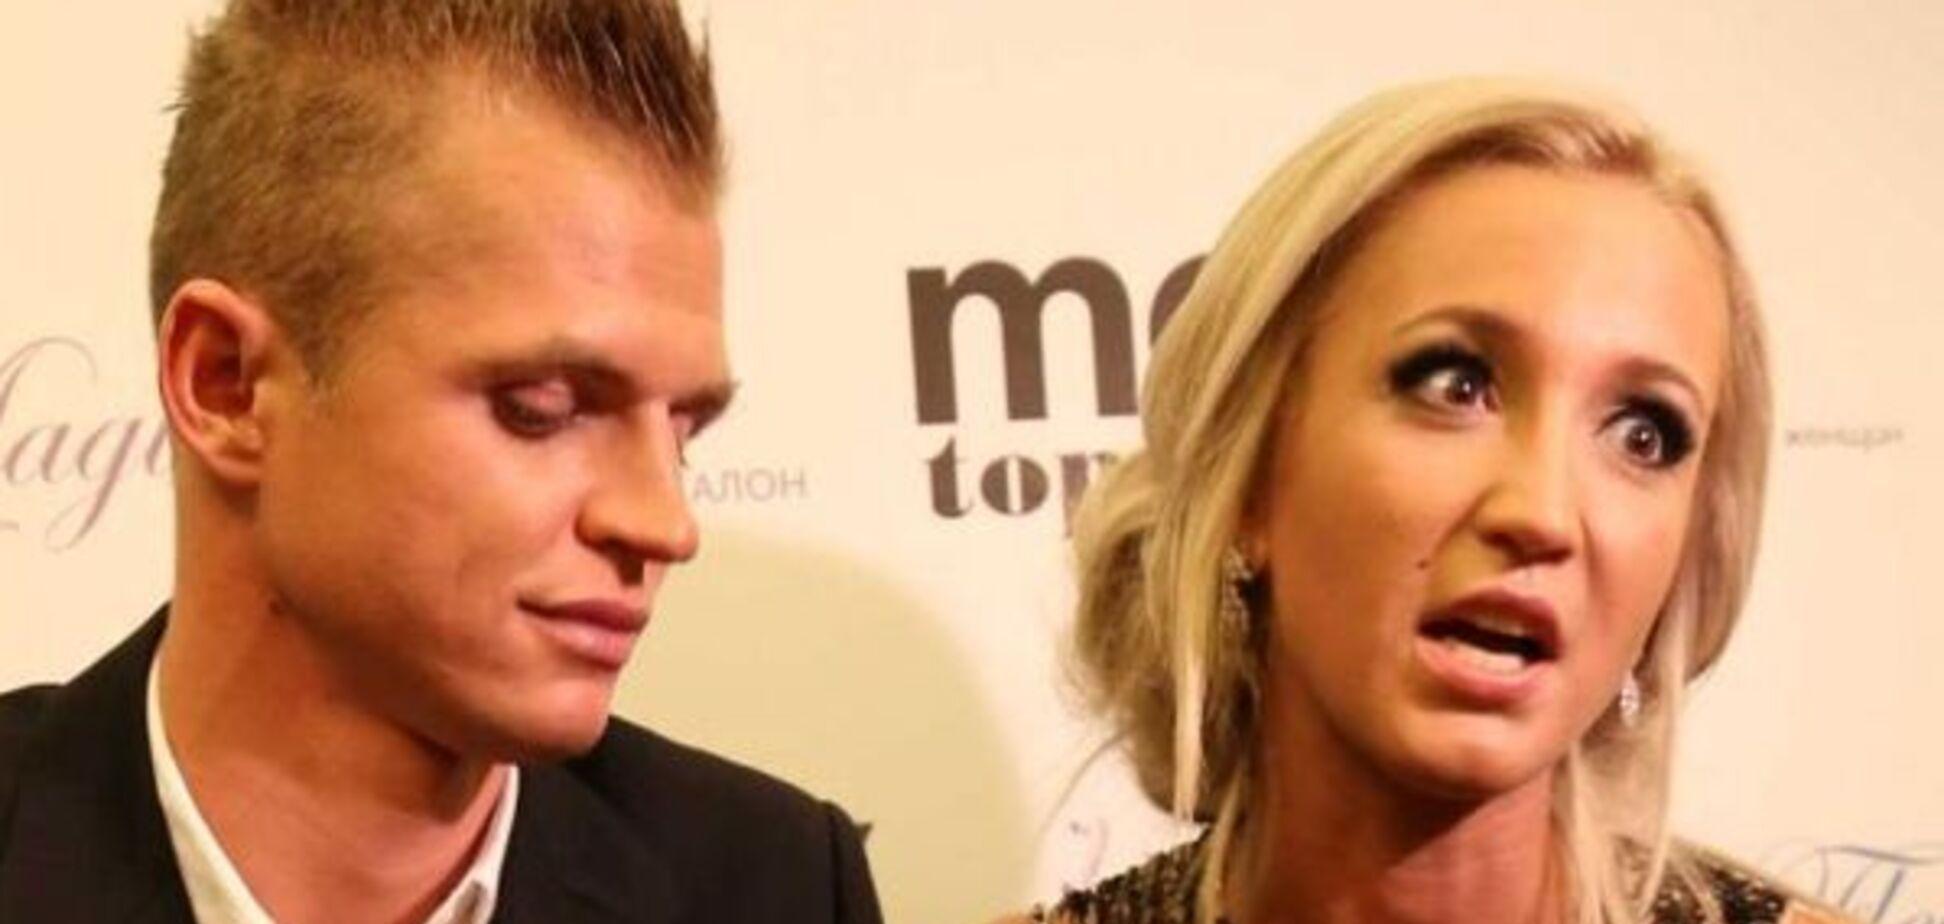 Збільшення грудей: Бузова розкрила пікантну подробицю відносин з футболістом Тарасовим